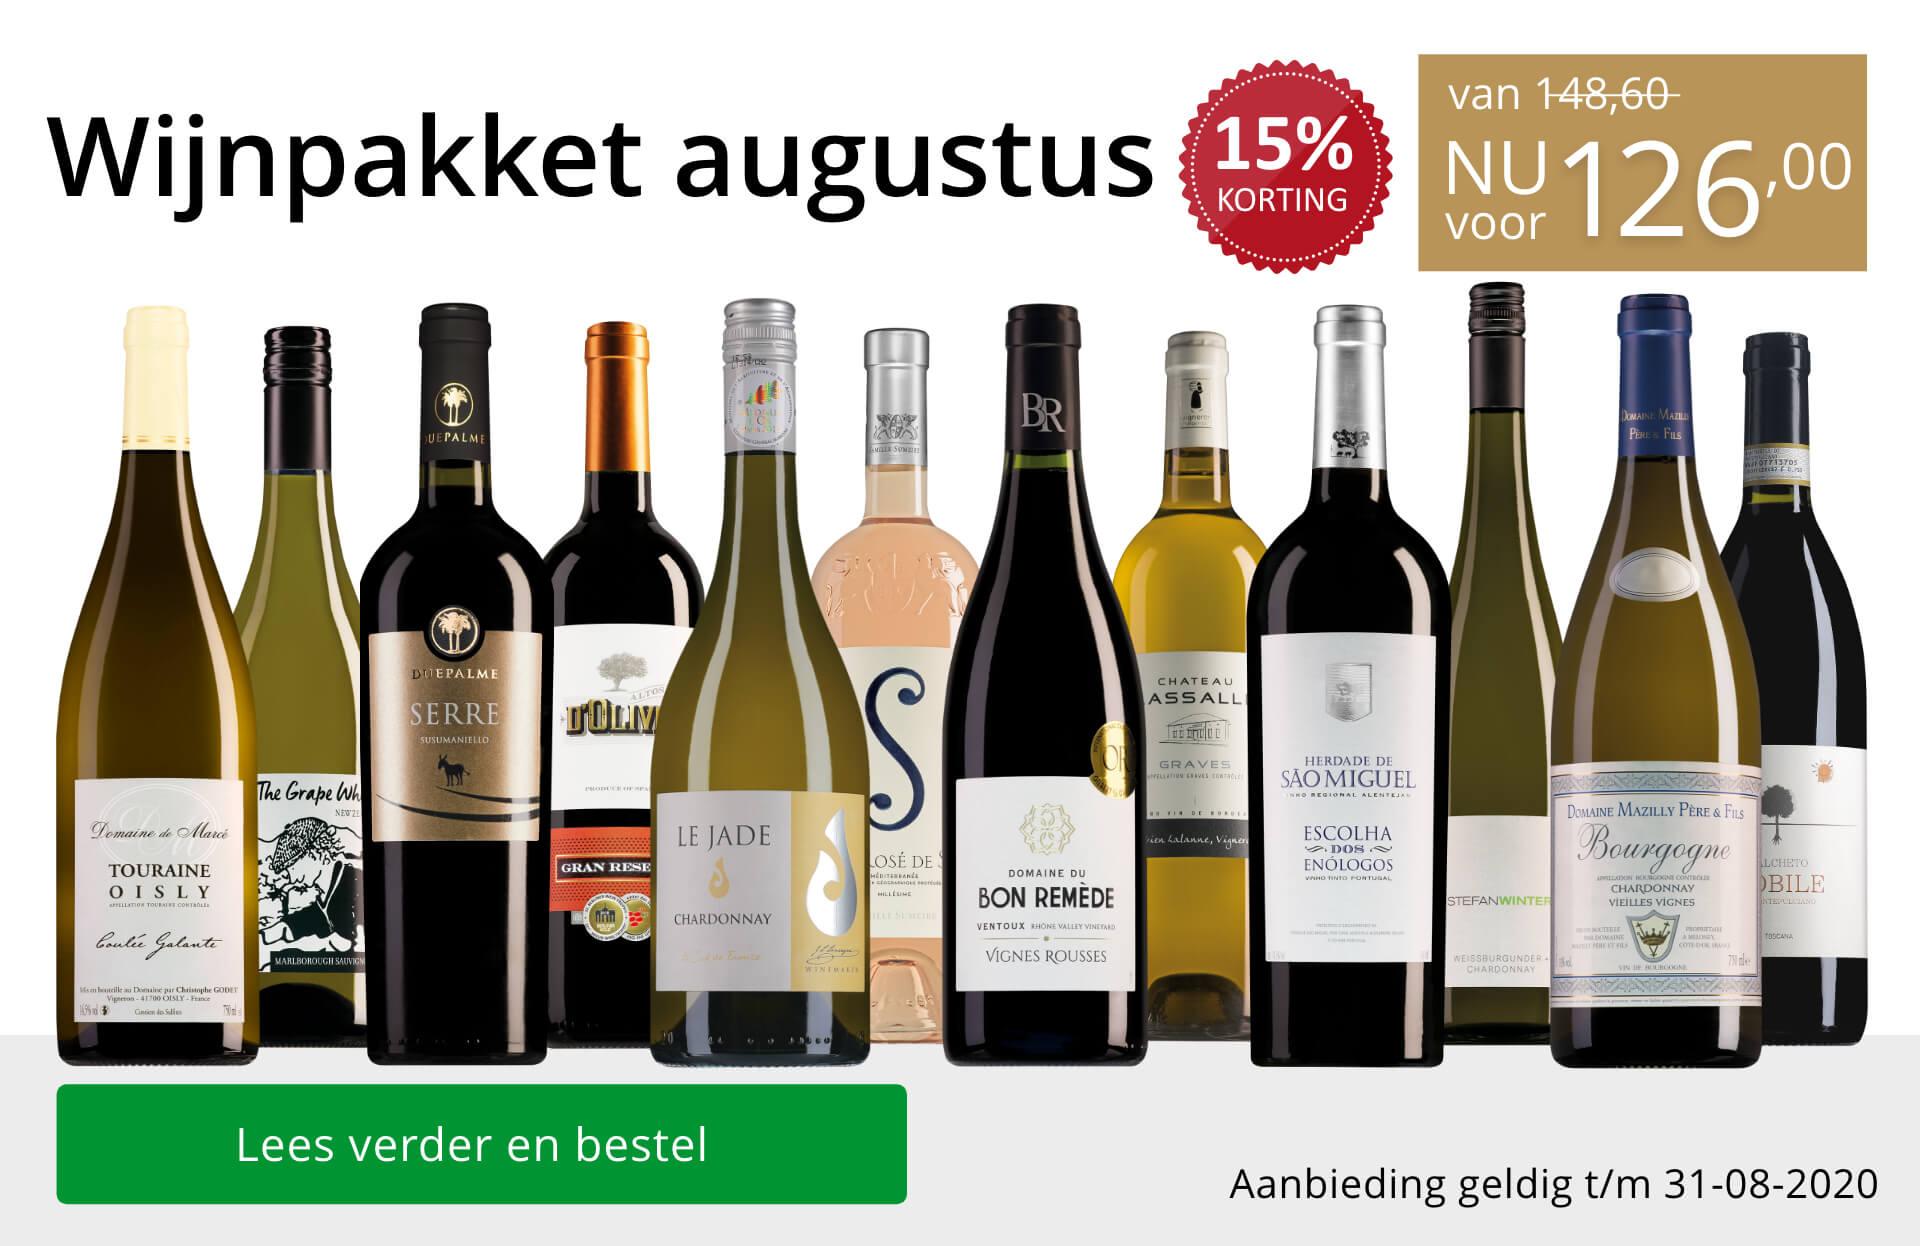 Wijnpakket wijnbericht augustus 2020 (126,00) - goud/zwart